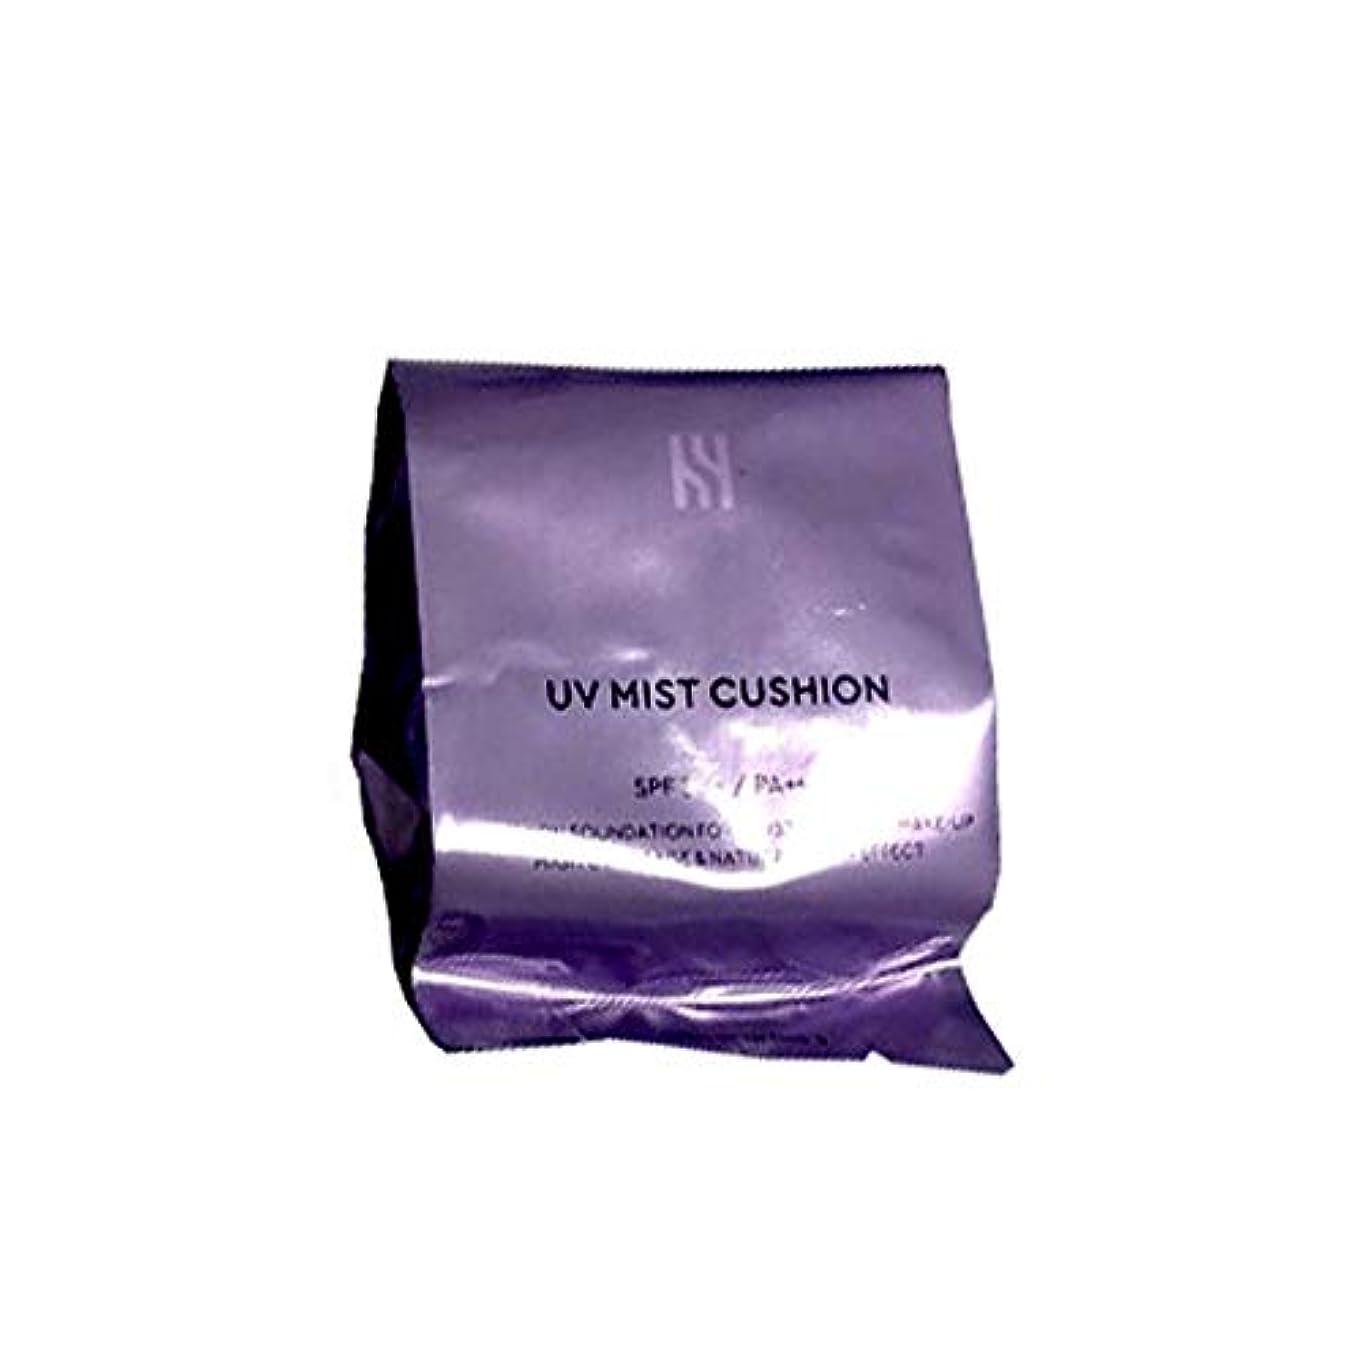 締めるバインドスリラーHERA(ヘラ) UVミストクッション(カバー)SPF50+/PA+++ [リフィルのみ] C17号/ロゼバニラ